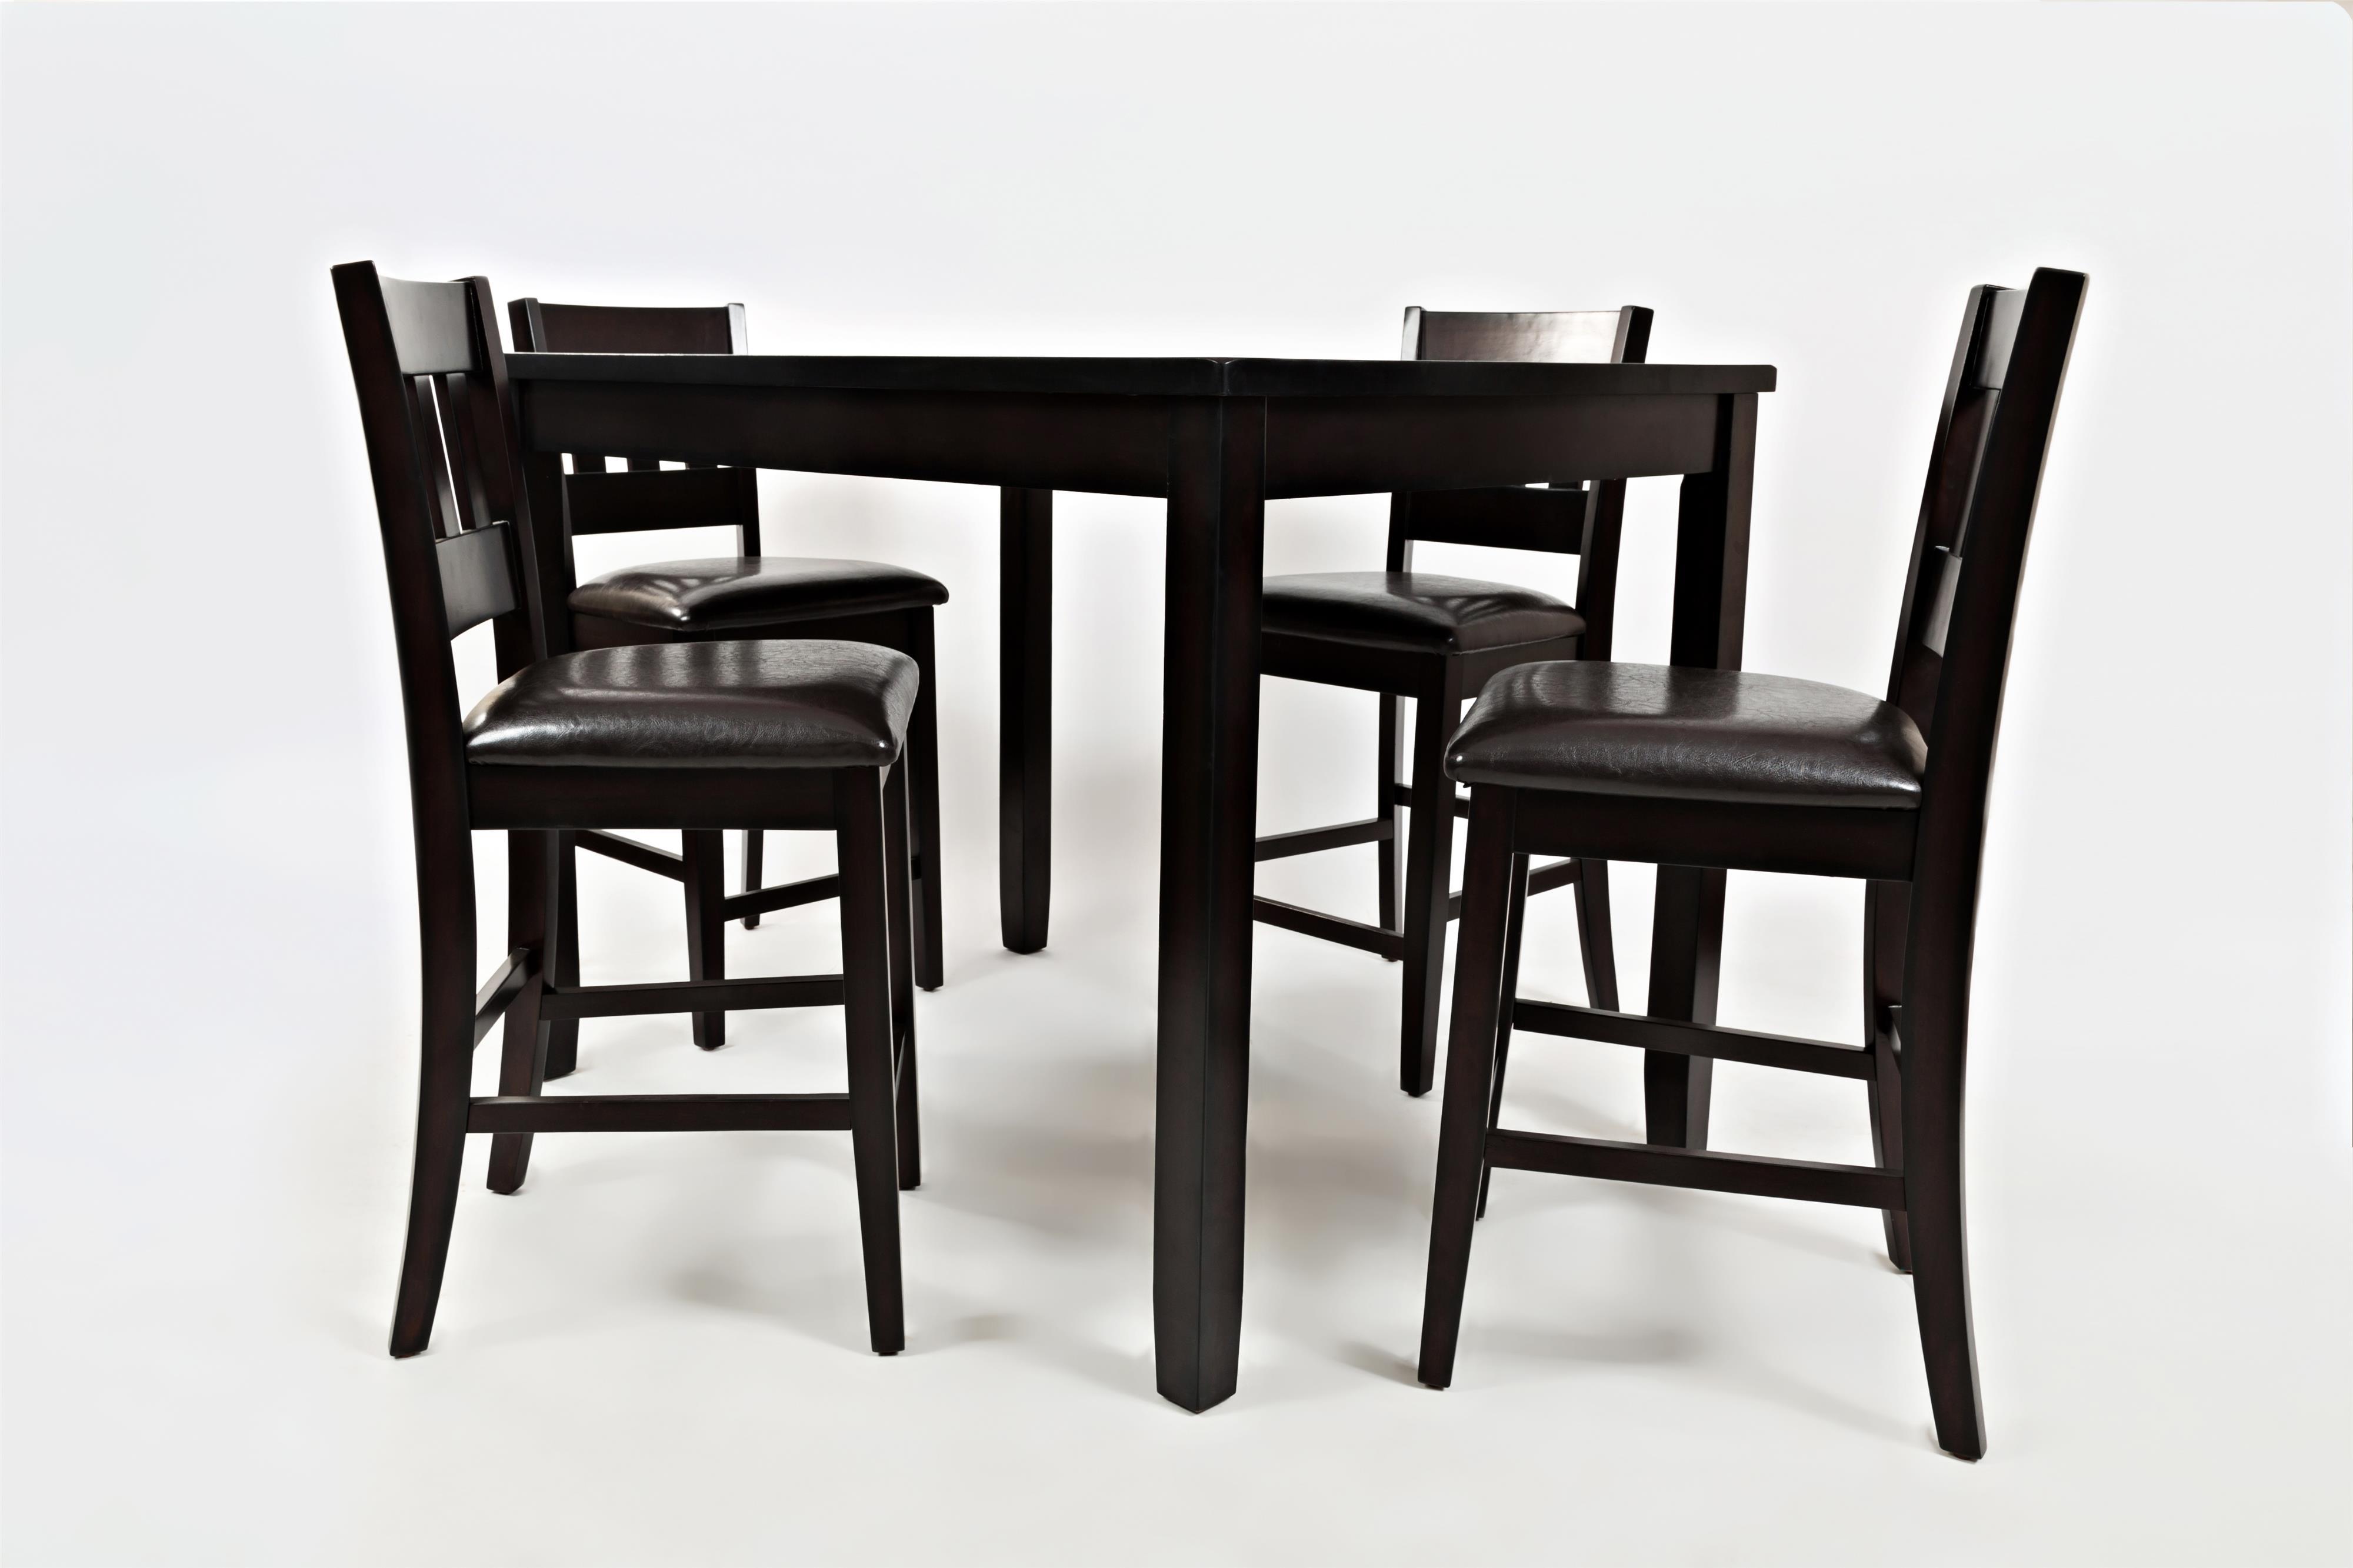 Dark Rustic Prarie Dark Rustic Prairie Counter Height Table Set by Jofran at Jofran